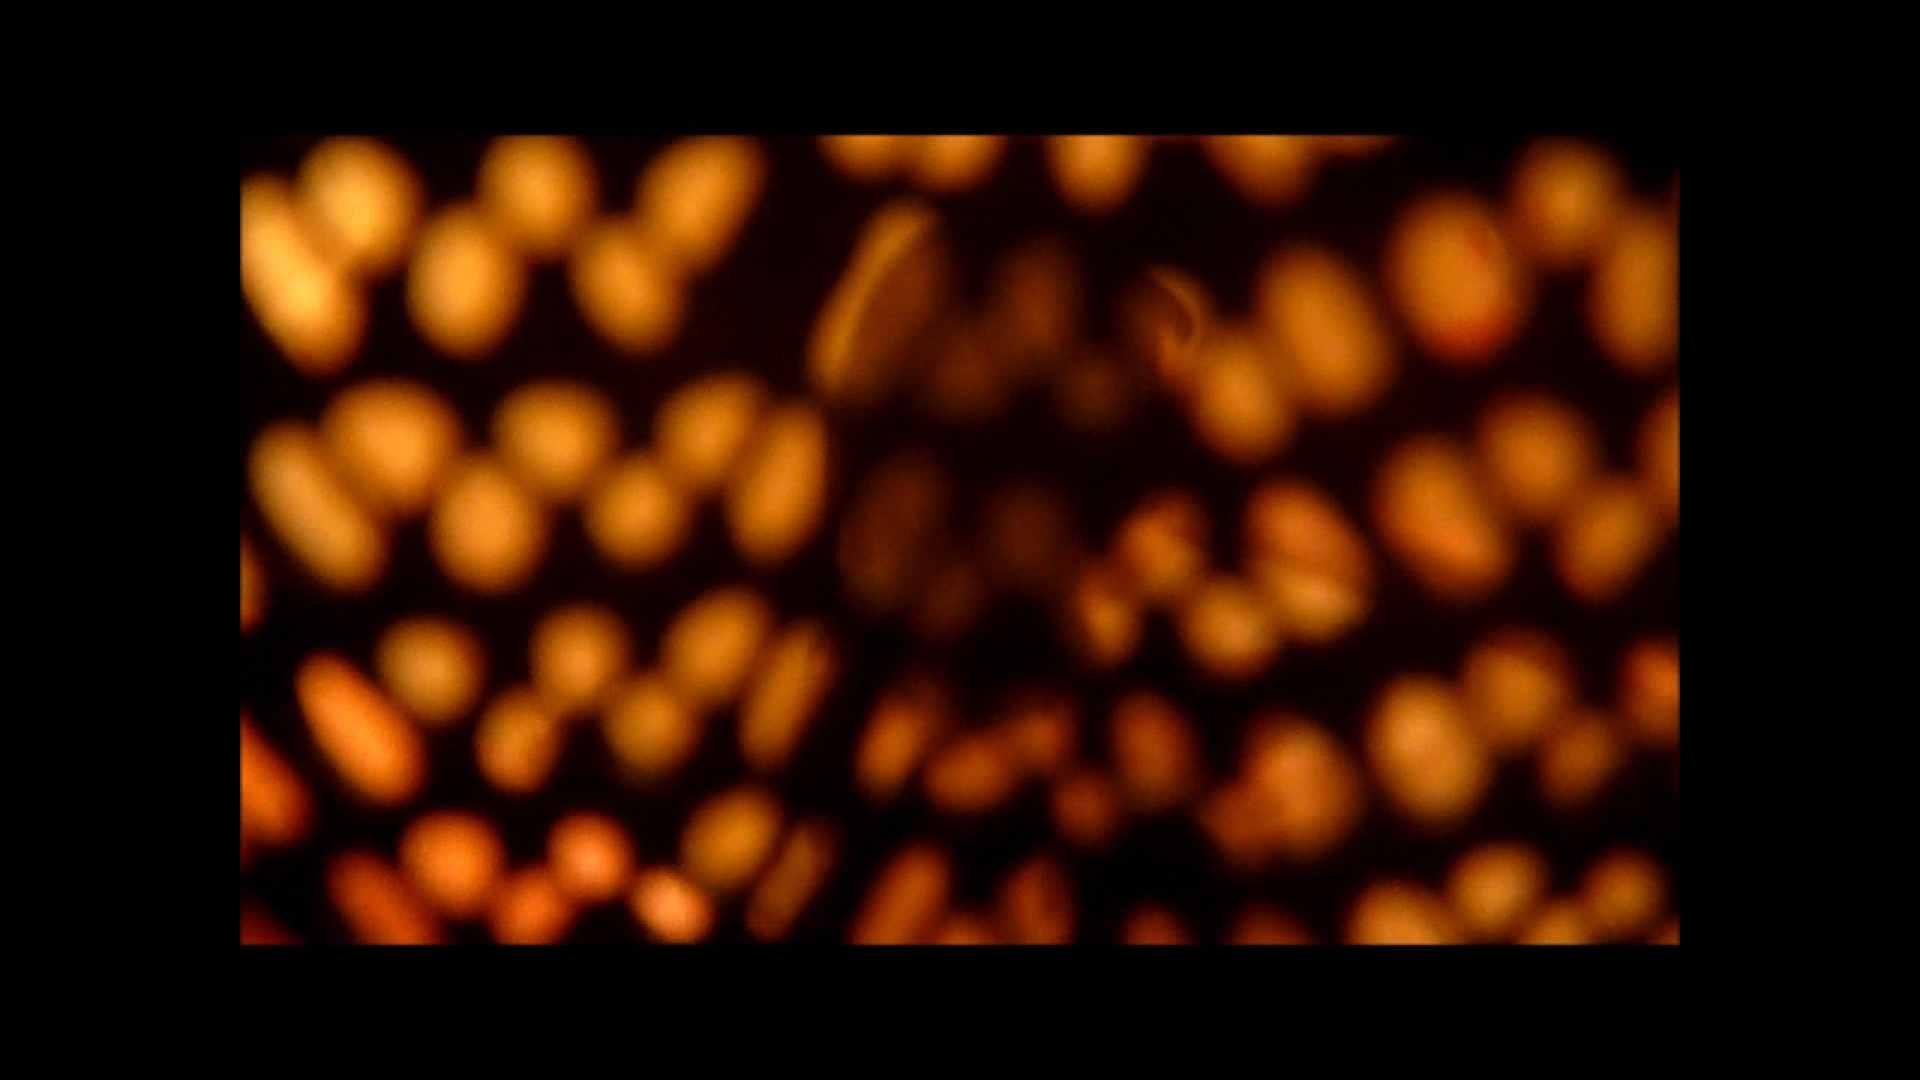 【02】ベランダに侵入して張り込みを始めて・・・やっと結果が出ました。 現役ギャル セックス無修正動画無料 79pic 47